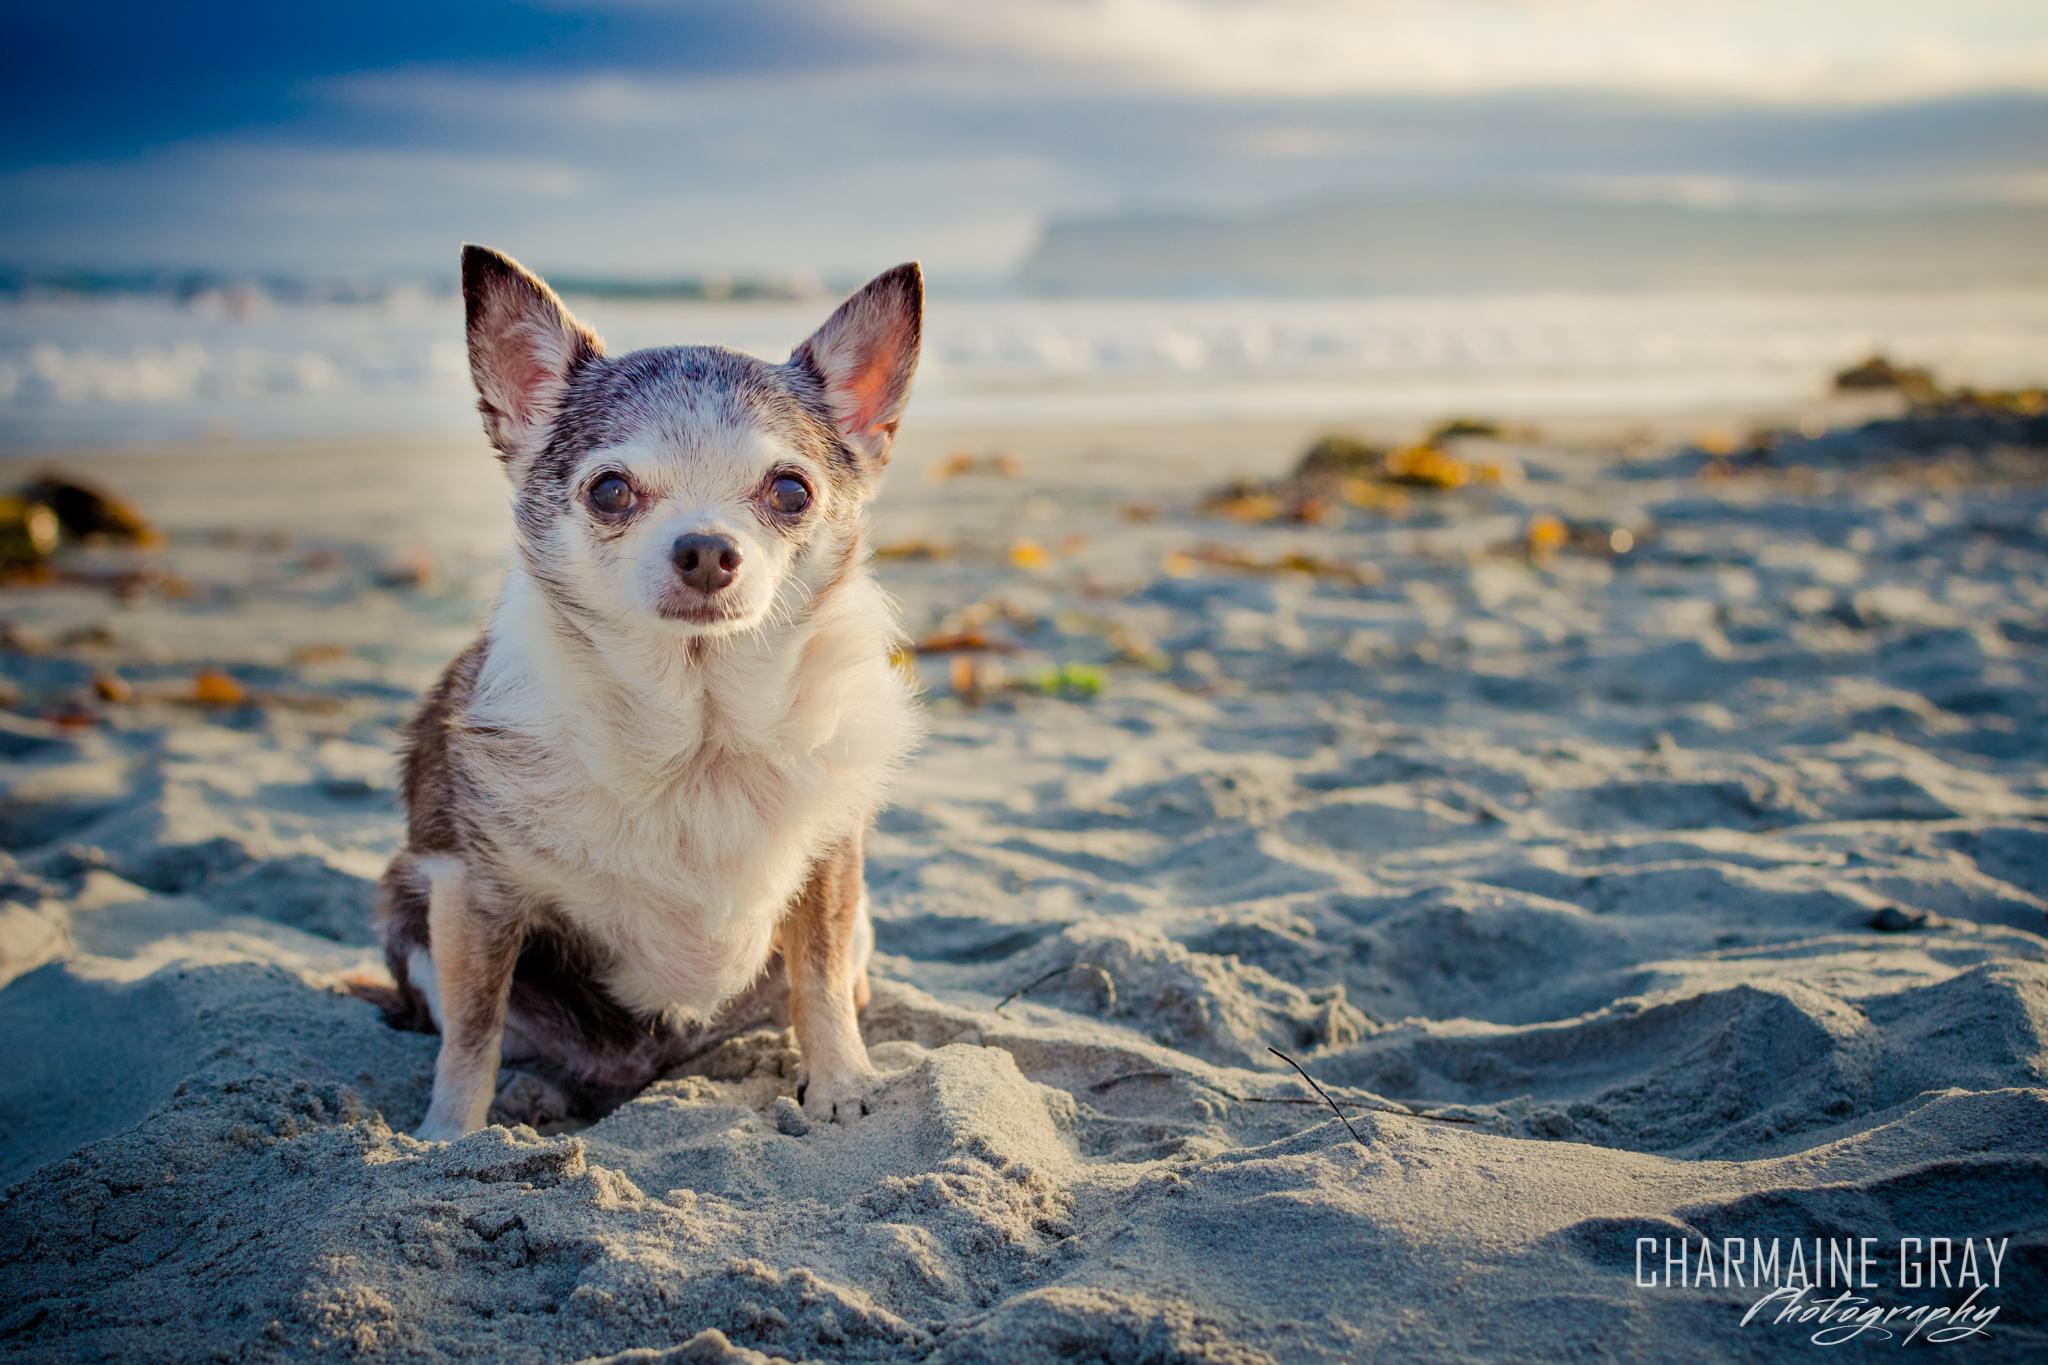 pet photographer, pet photography, pet portrait, pet, animal, charmaine gray photography, charmaine gray pet photography, san diego,chihuahua